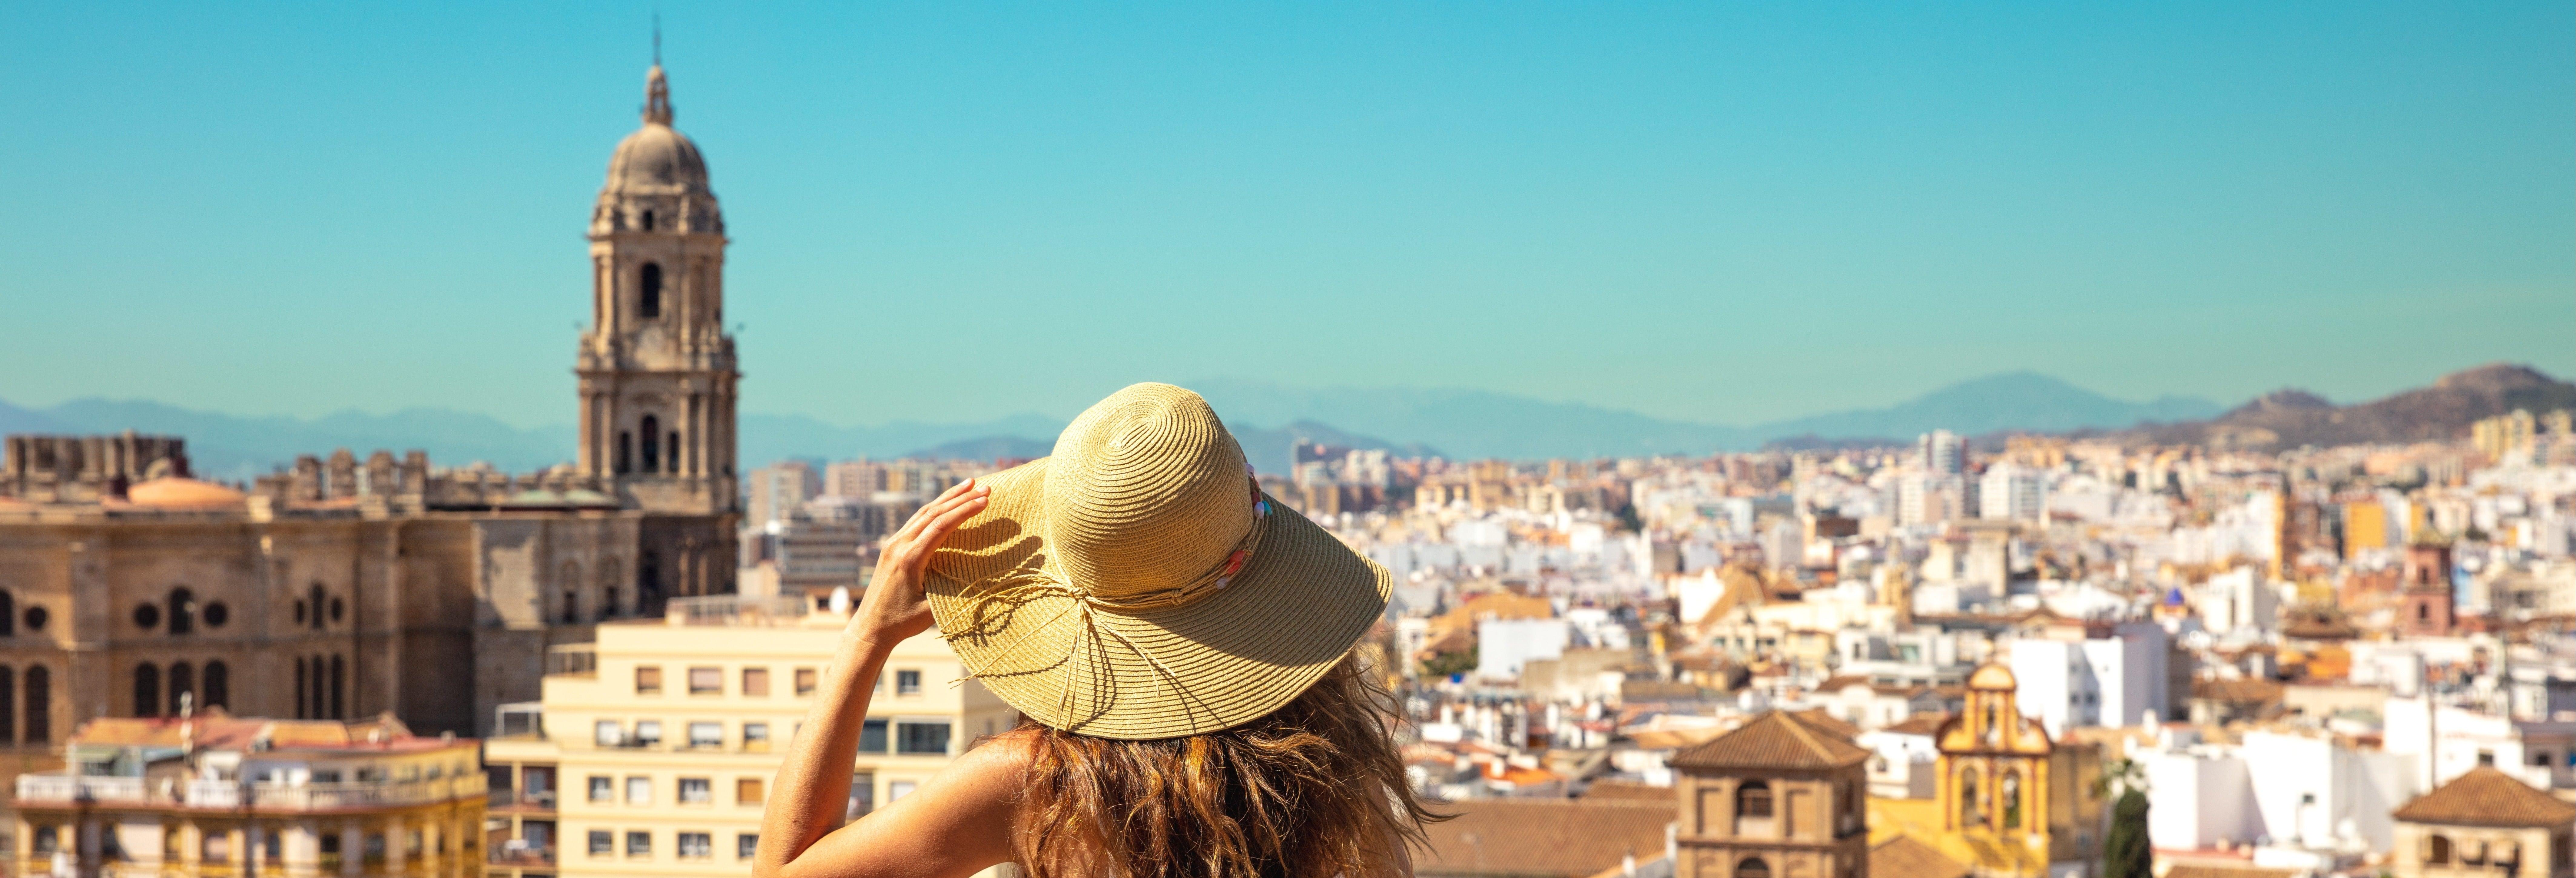 Tour privado por Málaga. Você escolhe!